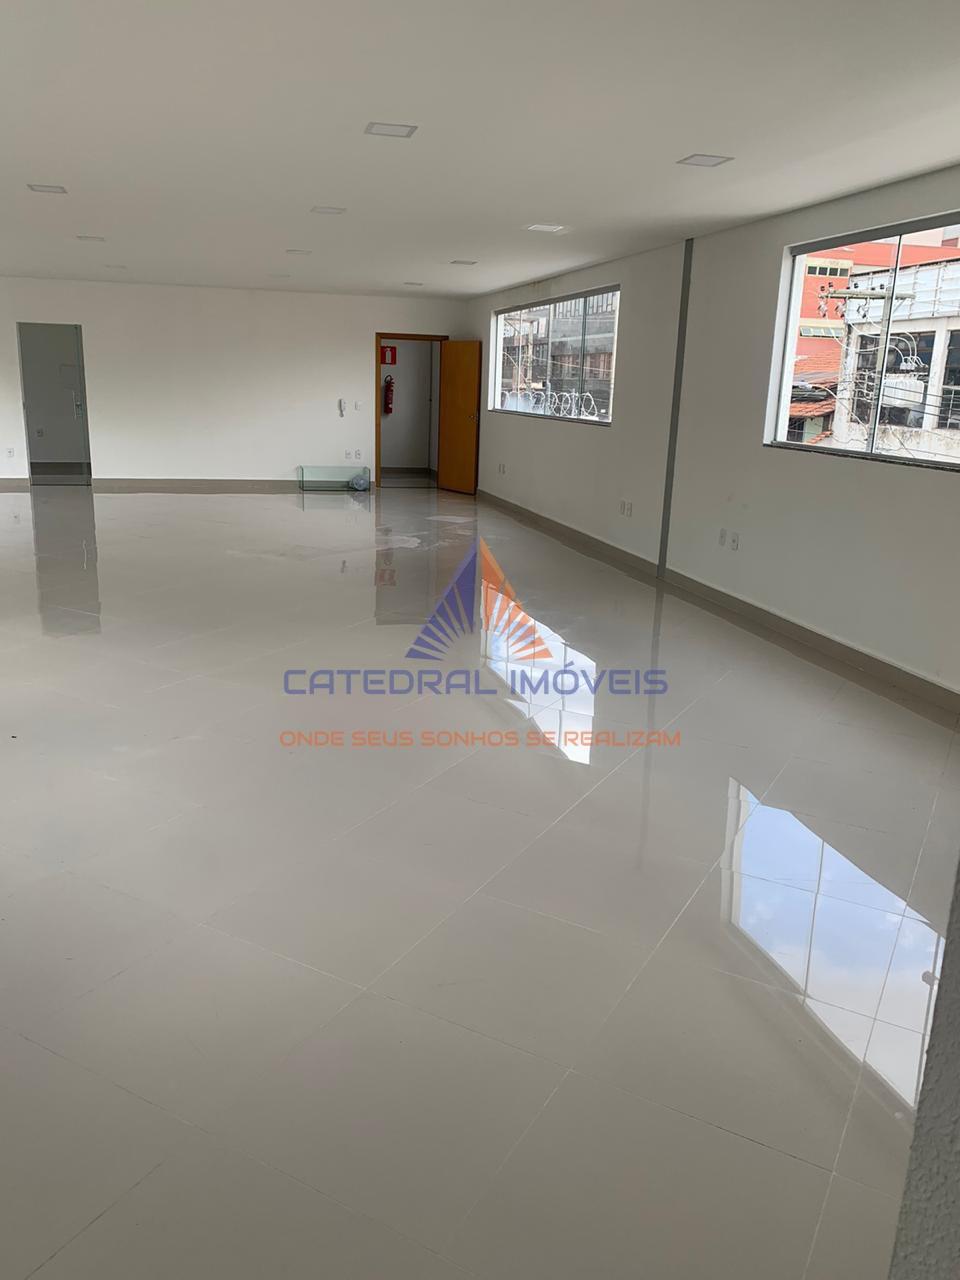 Sala Comercial 270m² para alugar 10ª Rua Av. Dom Pedro II,Carlos Prates, Noroeste,Belo Horizonte - 002 - 3